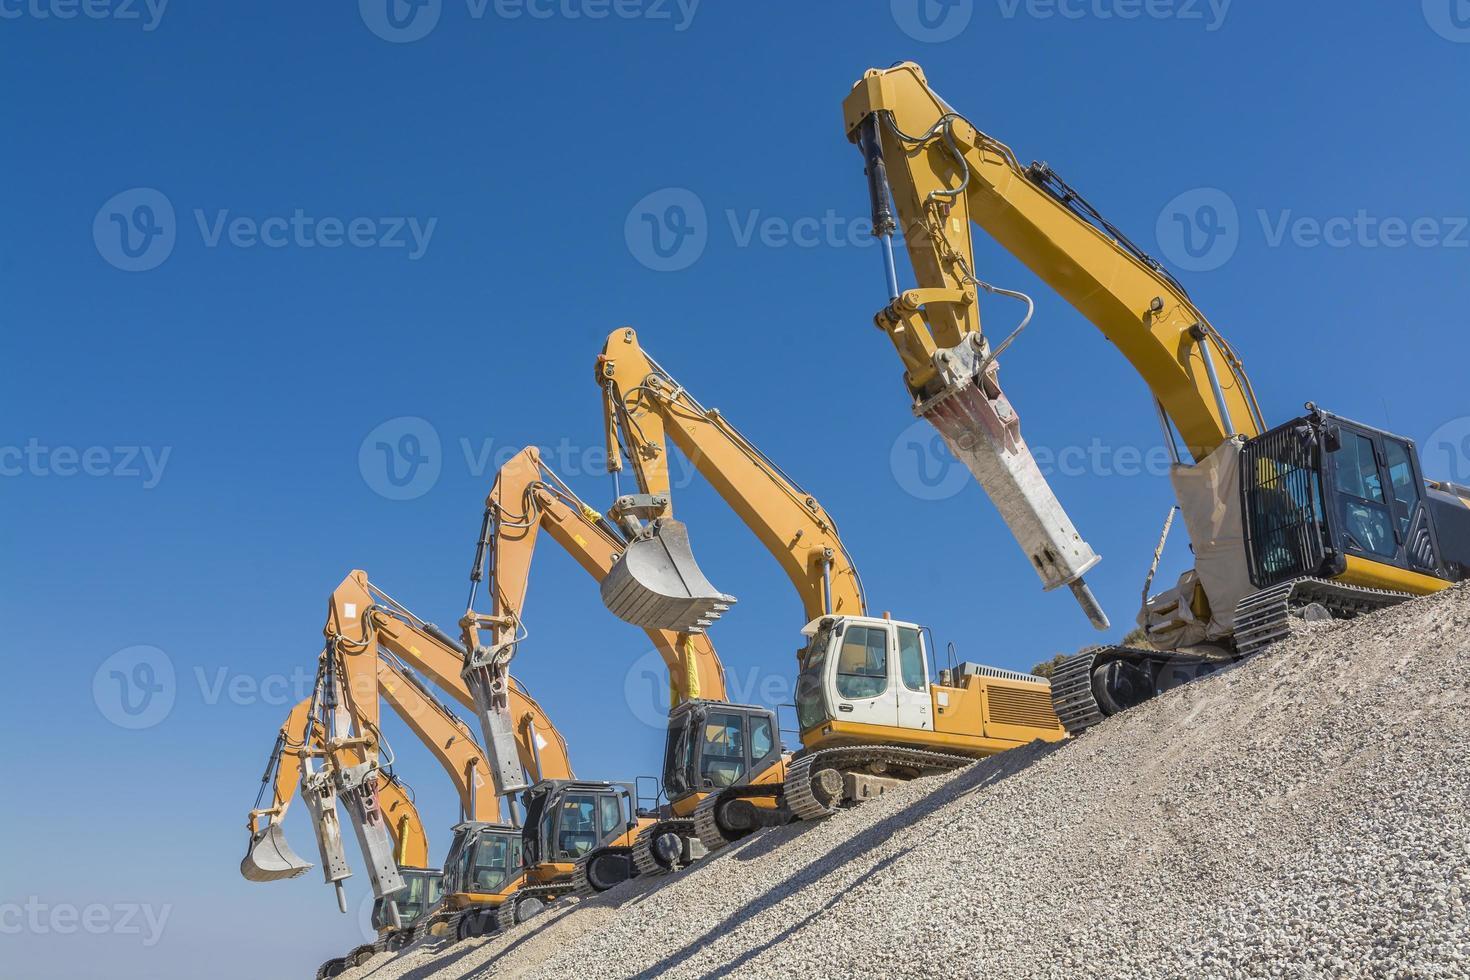 spettacolare gruppo di escavatori foto